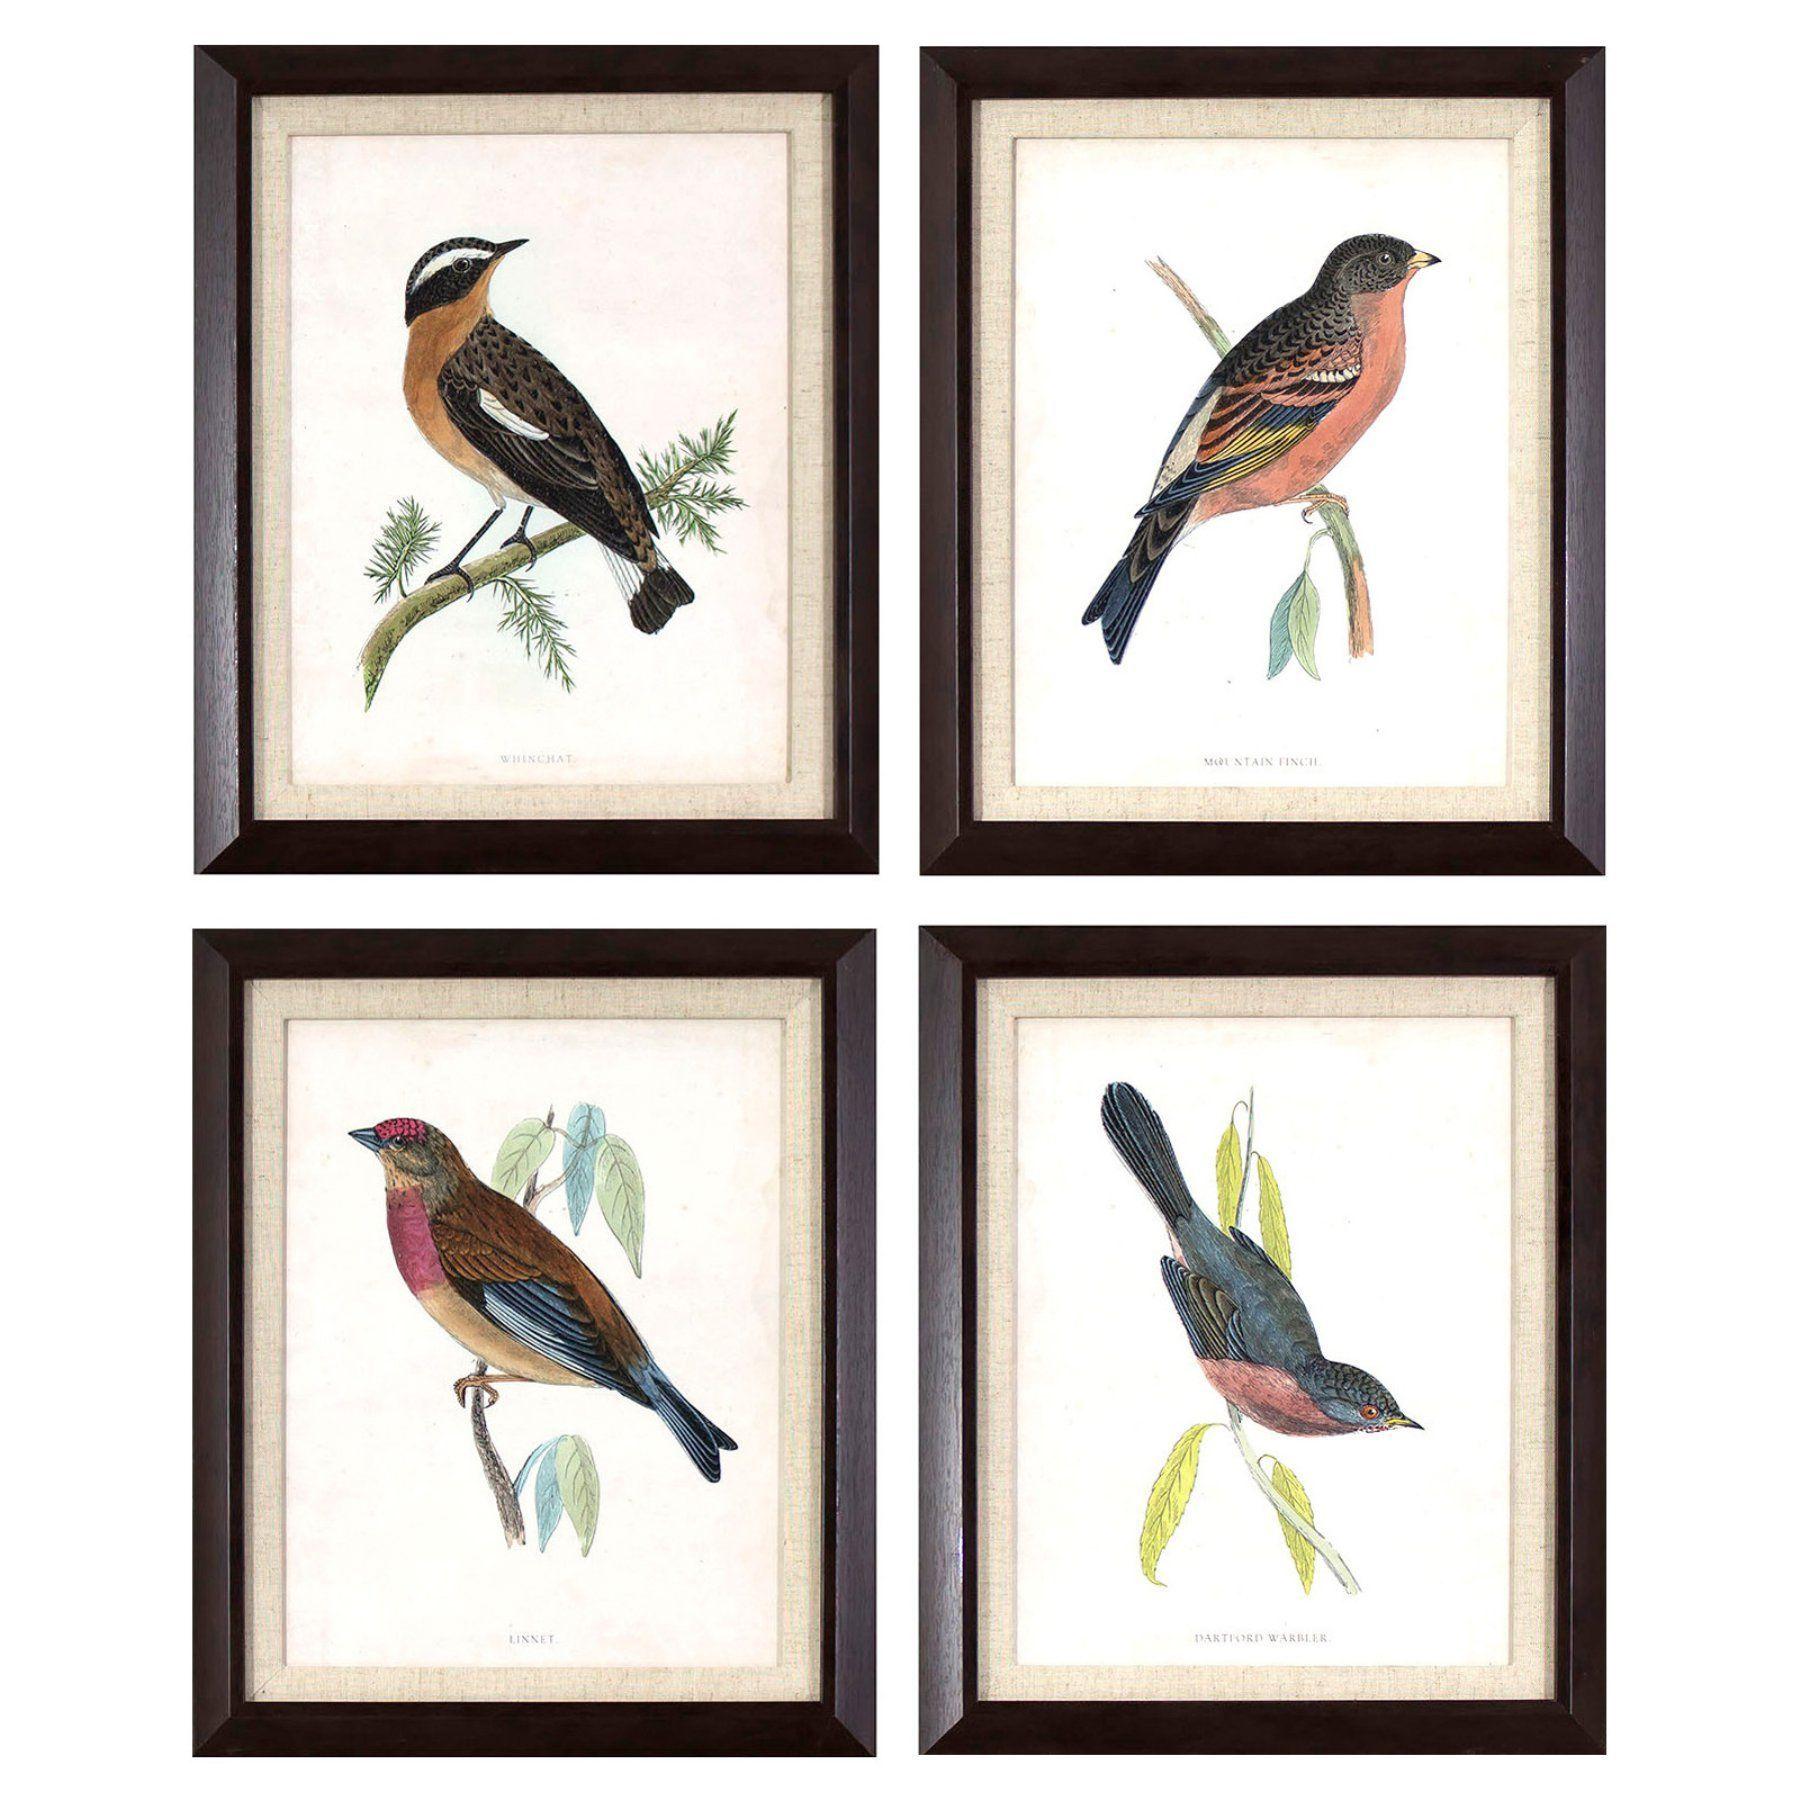 Decor Therapy Antique Bird Studies In Dark Wood Grain Frame